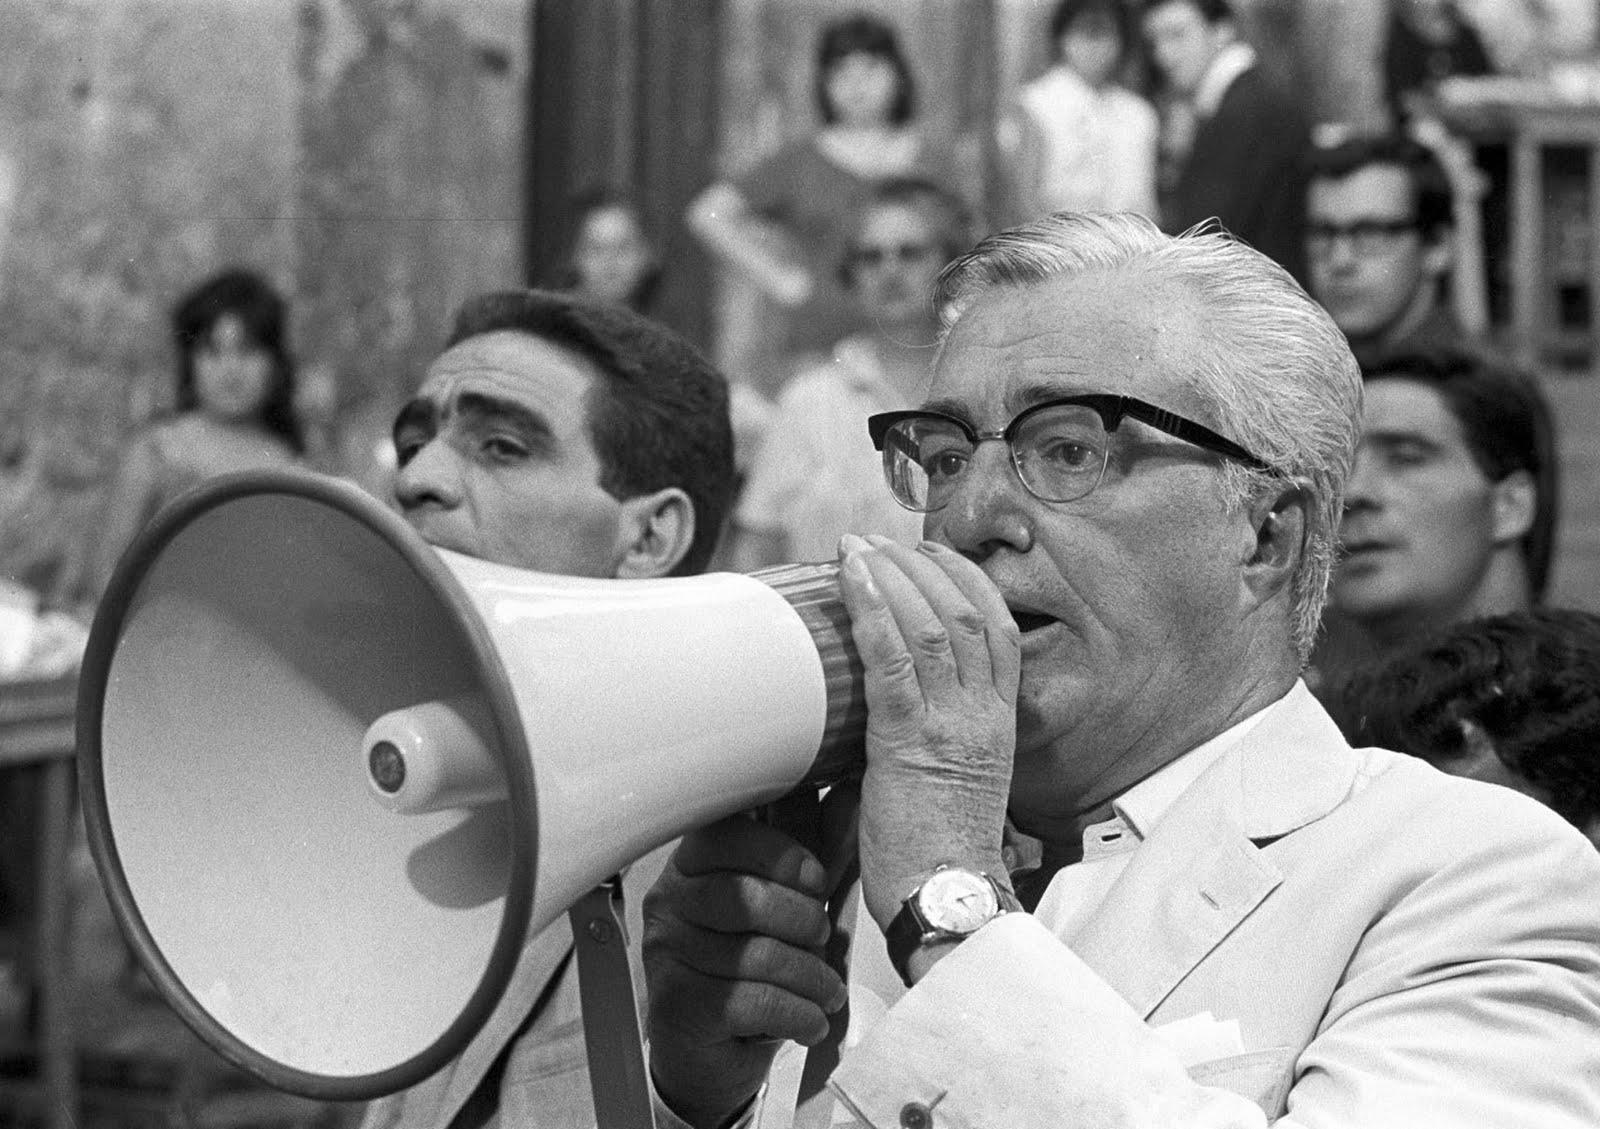 Αποτέλεσμα εικόνας για Vittorio de Sica 1946